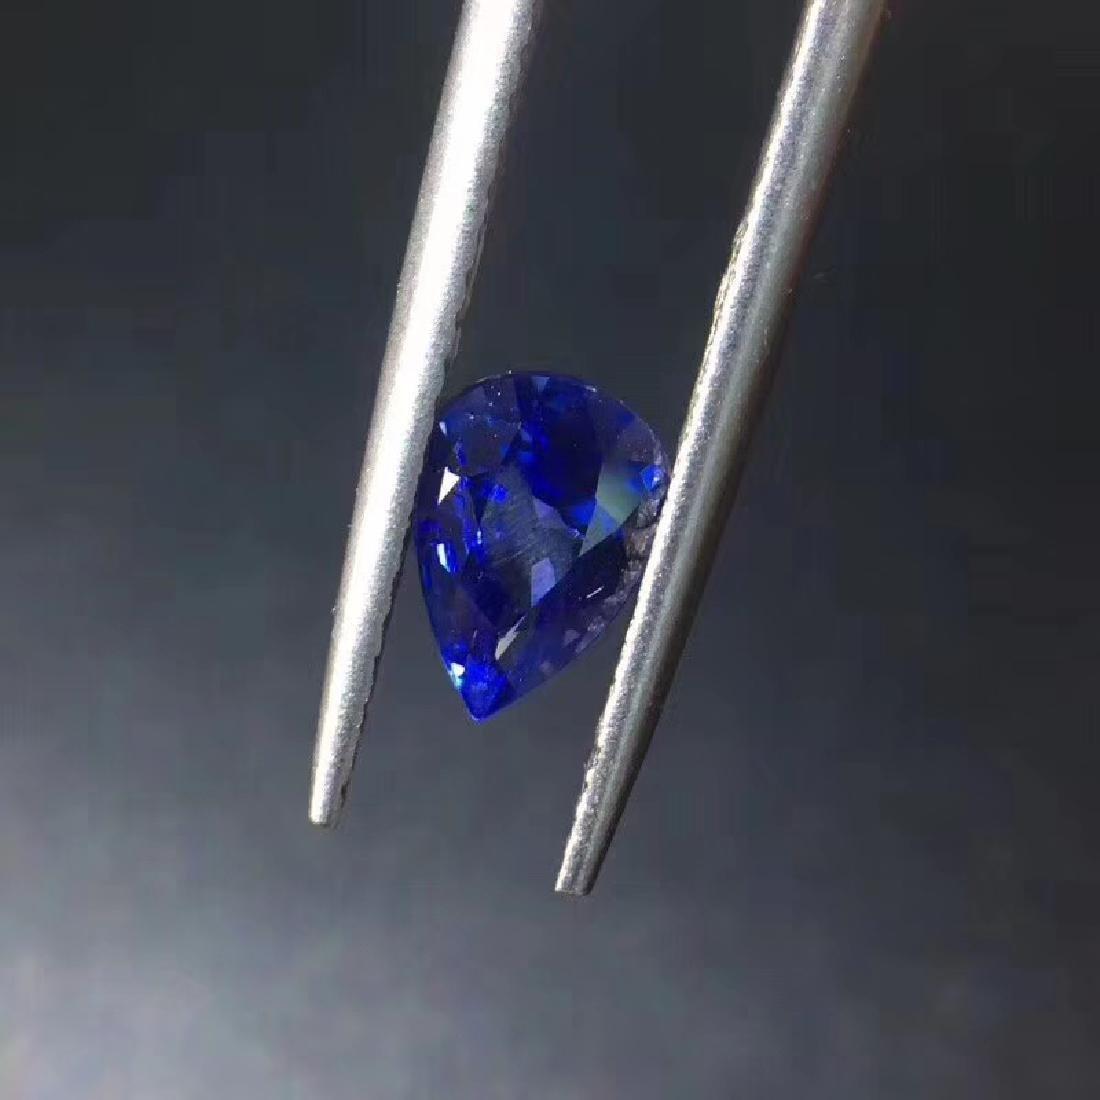 0.99 ct Sapphire 5.2*7.2*3.5 mm Pear Cut - 4